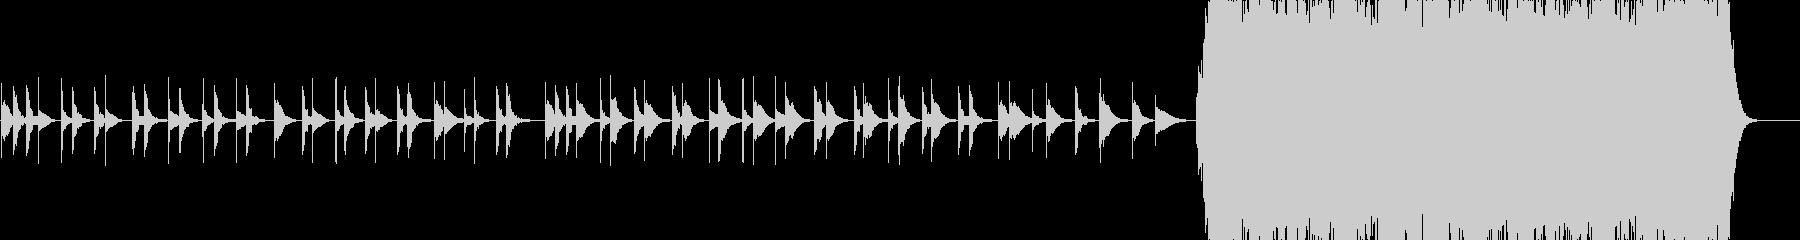 感動物語オルゴール~壮大オーケストラの未再生の波形